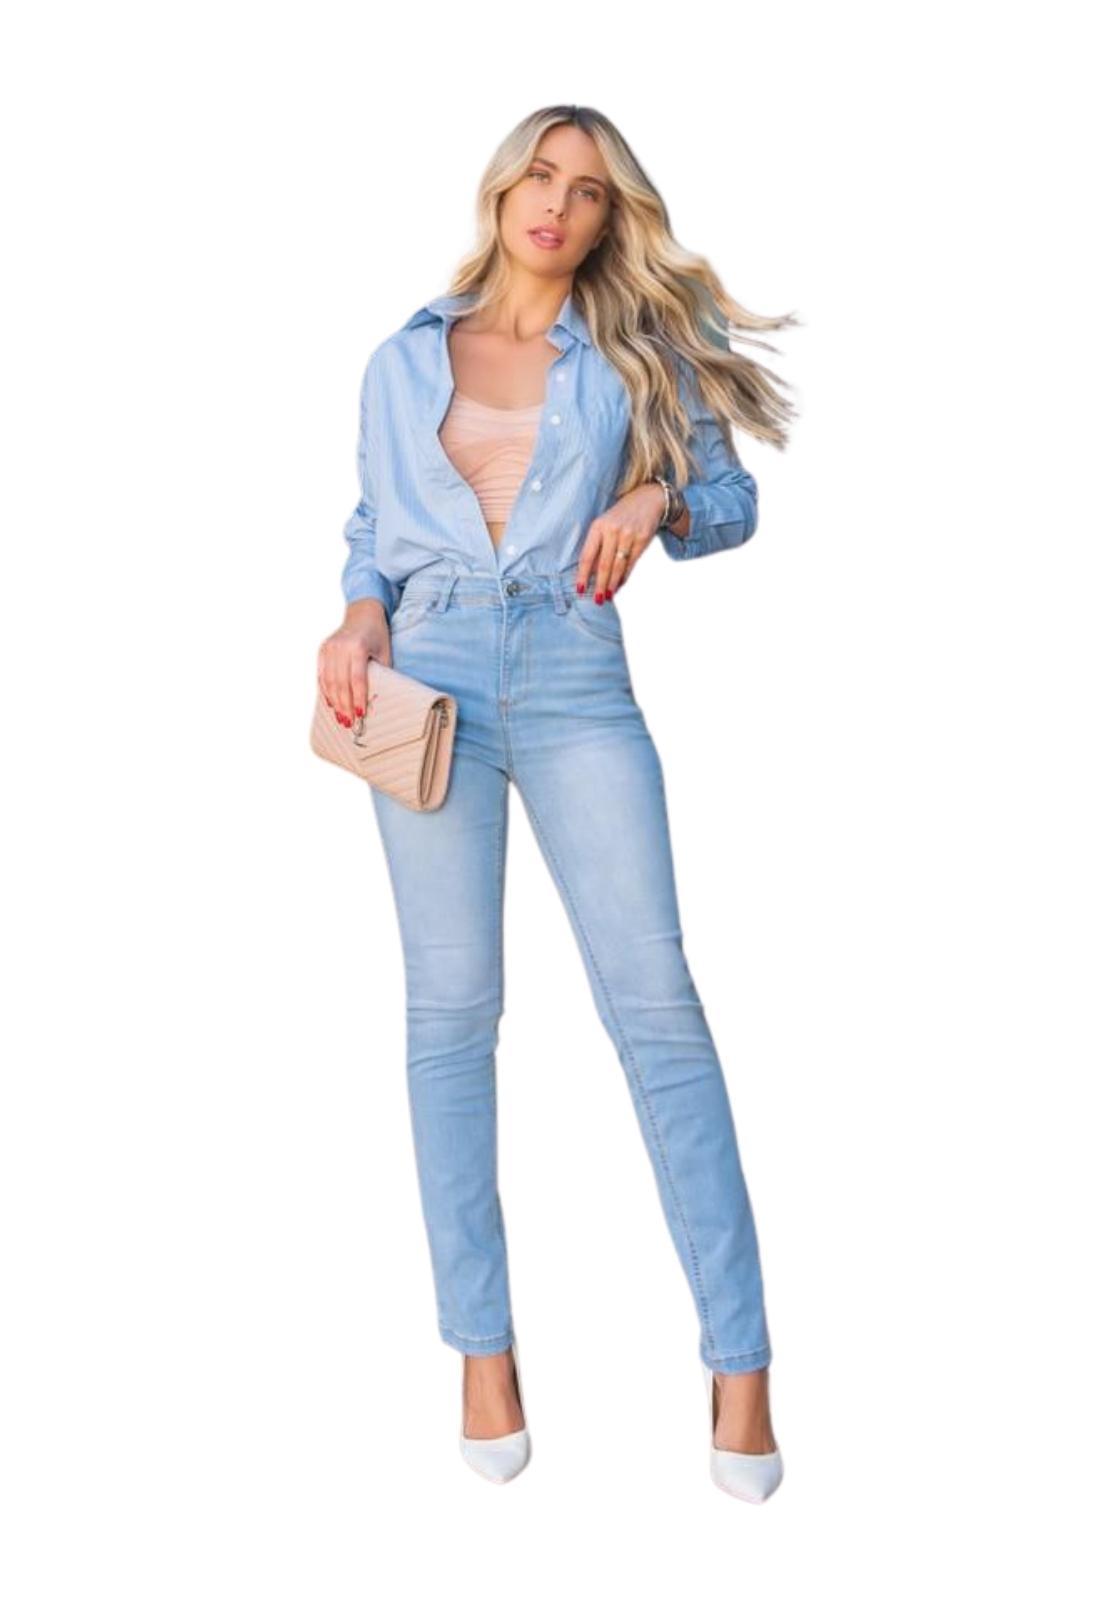 Calça Feminina Jeans Claro Skinny Cintura Alta com elastano